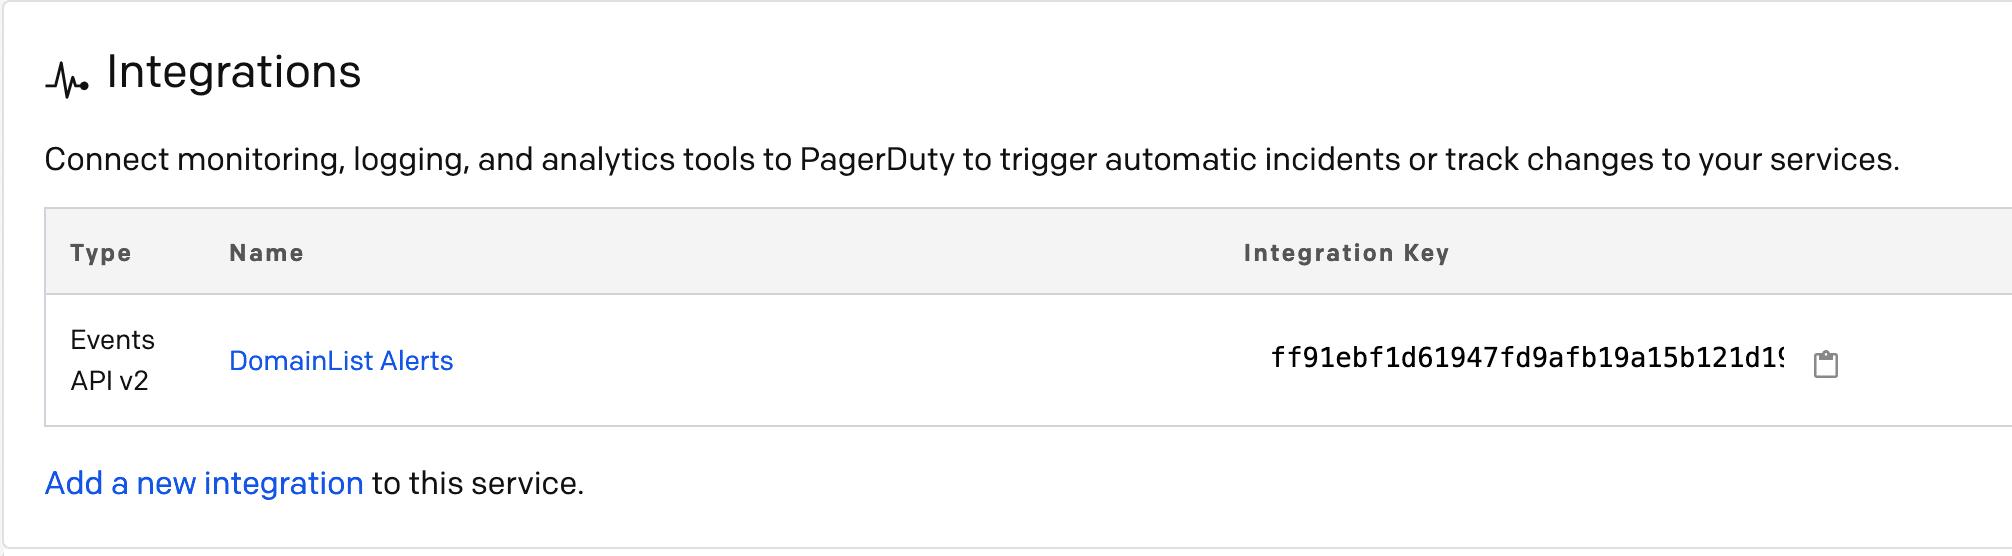 Add an Integration